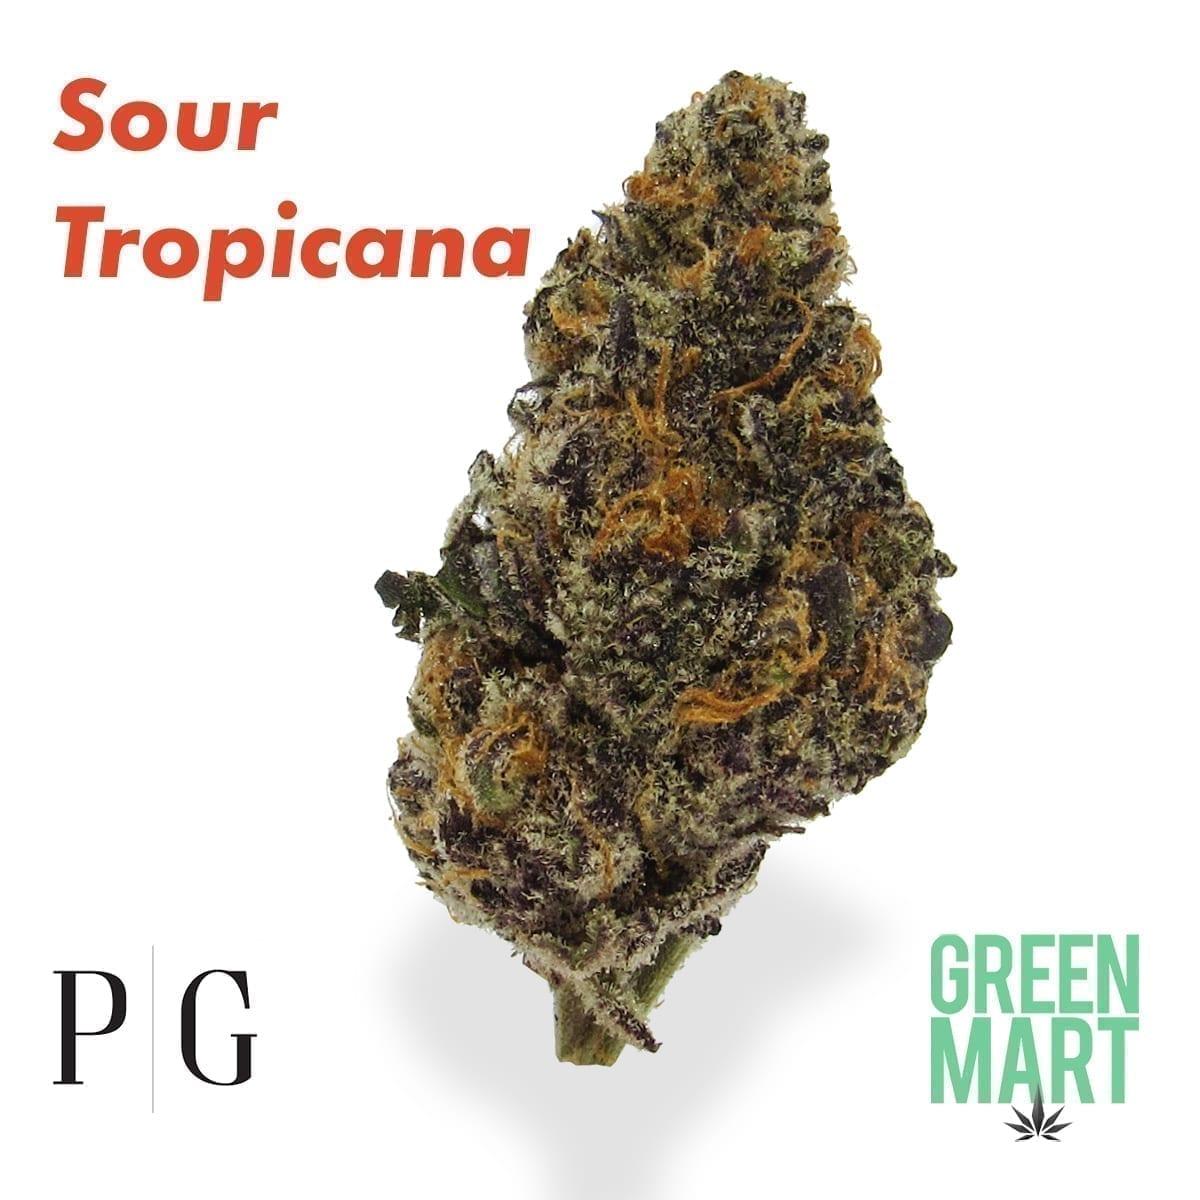 Sour Tropicana